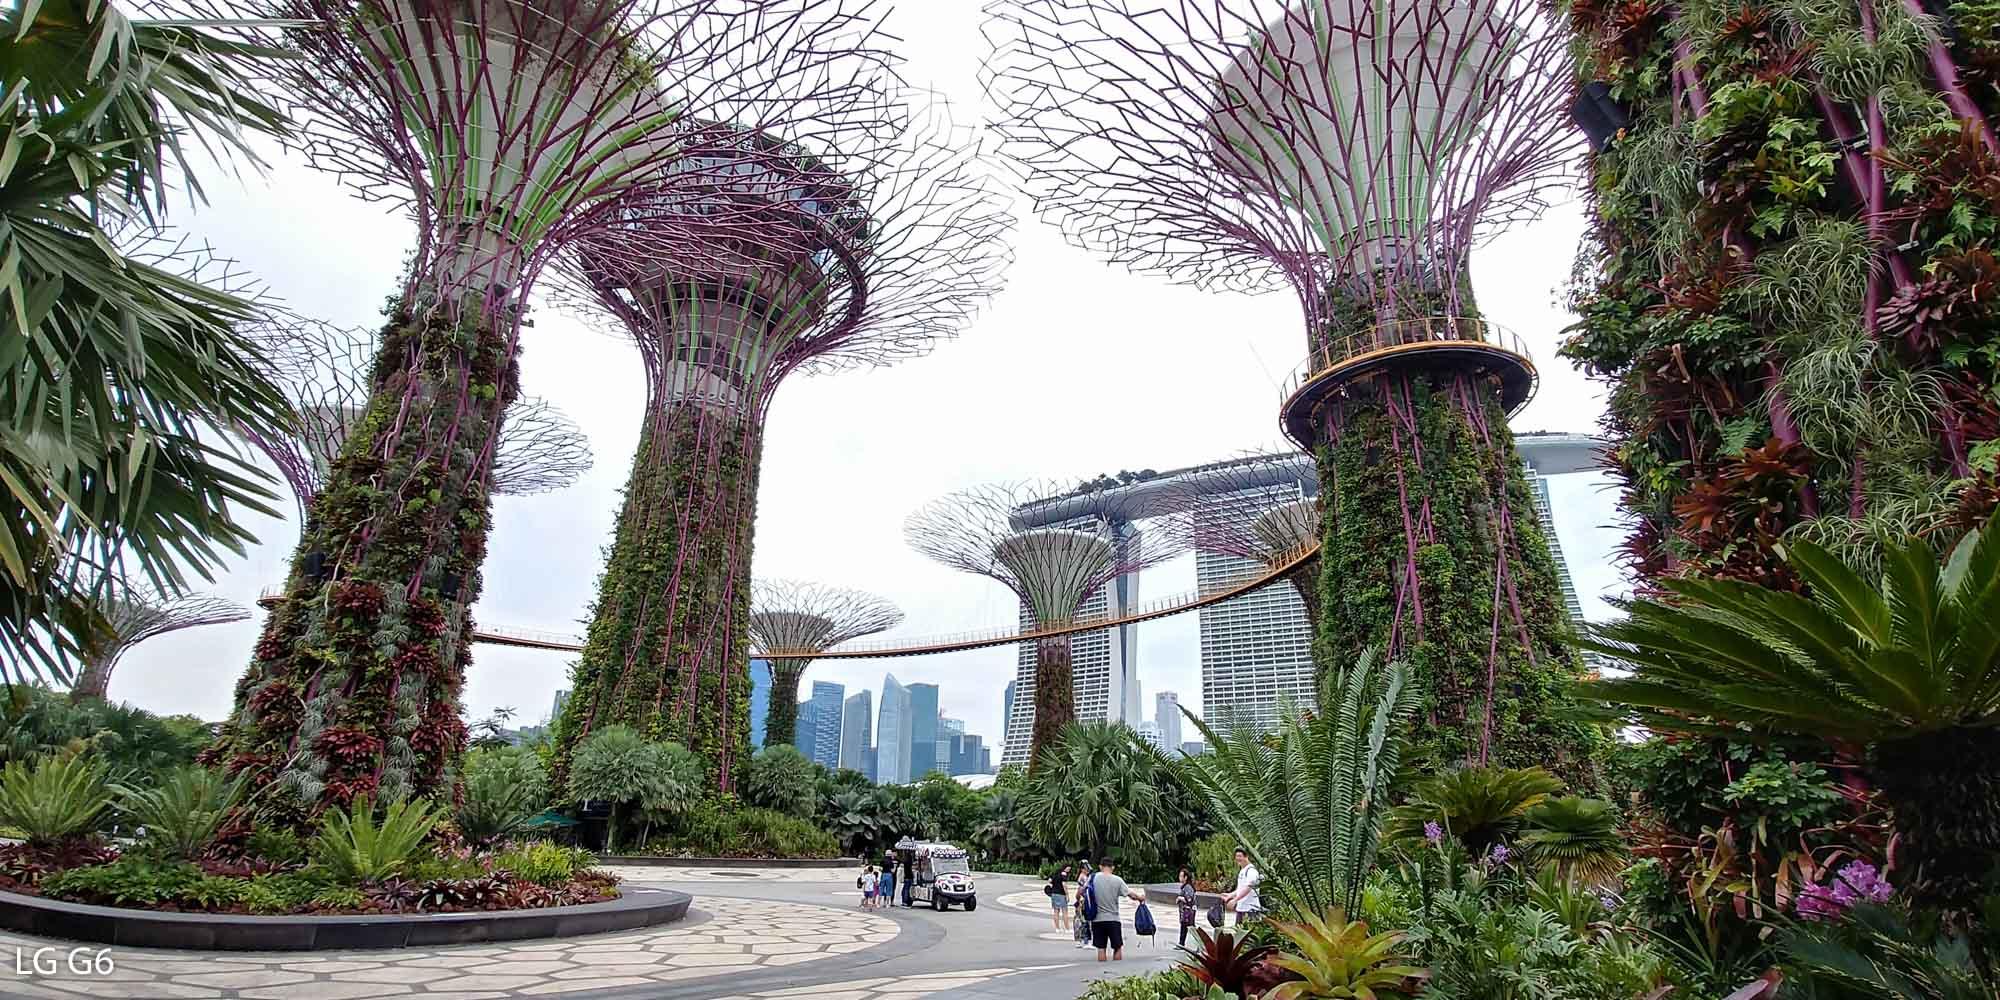 Singapore_LG_G6_43.jpg